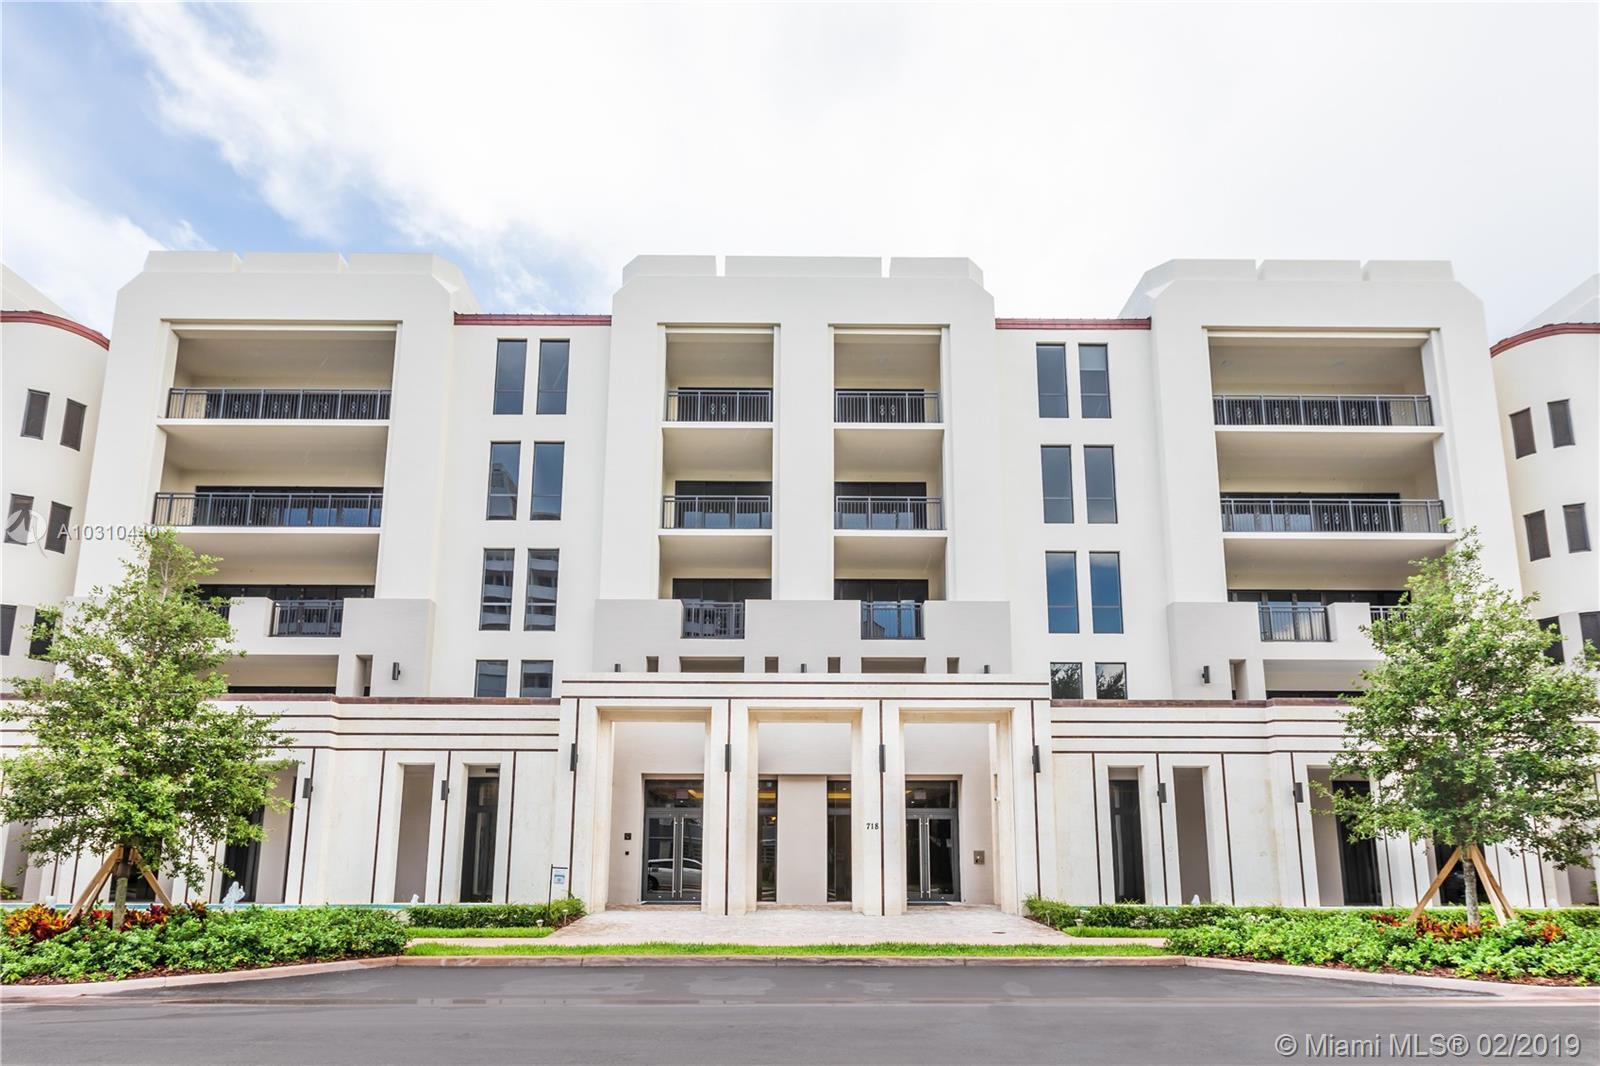 718 VALENCIA AVENUE, 301 - Coral Gables, Florida